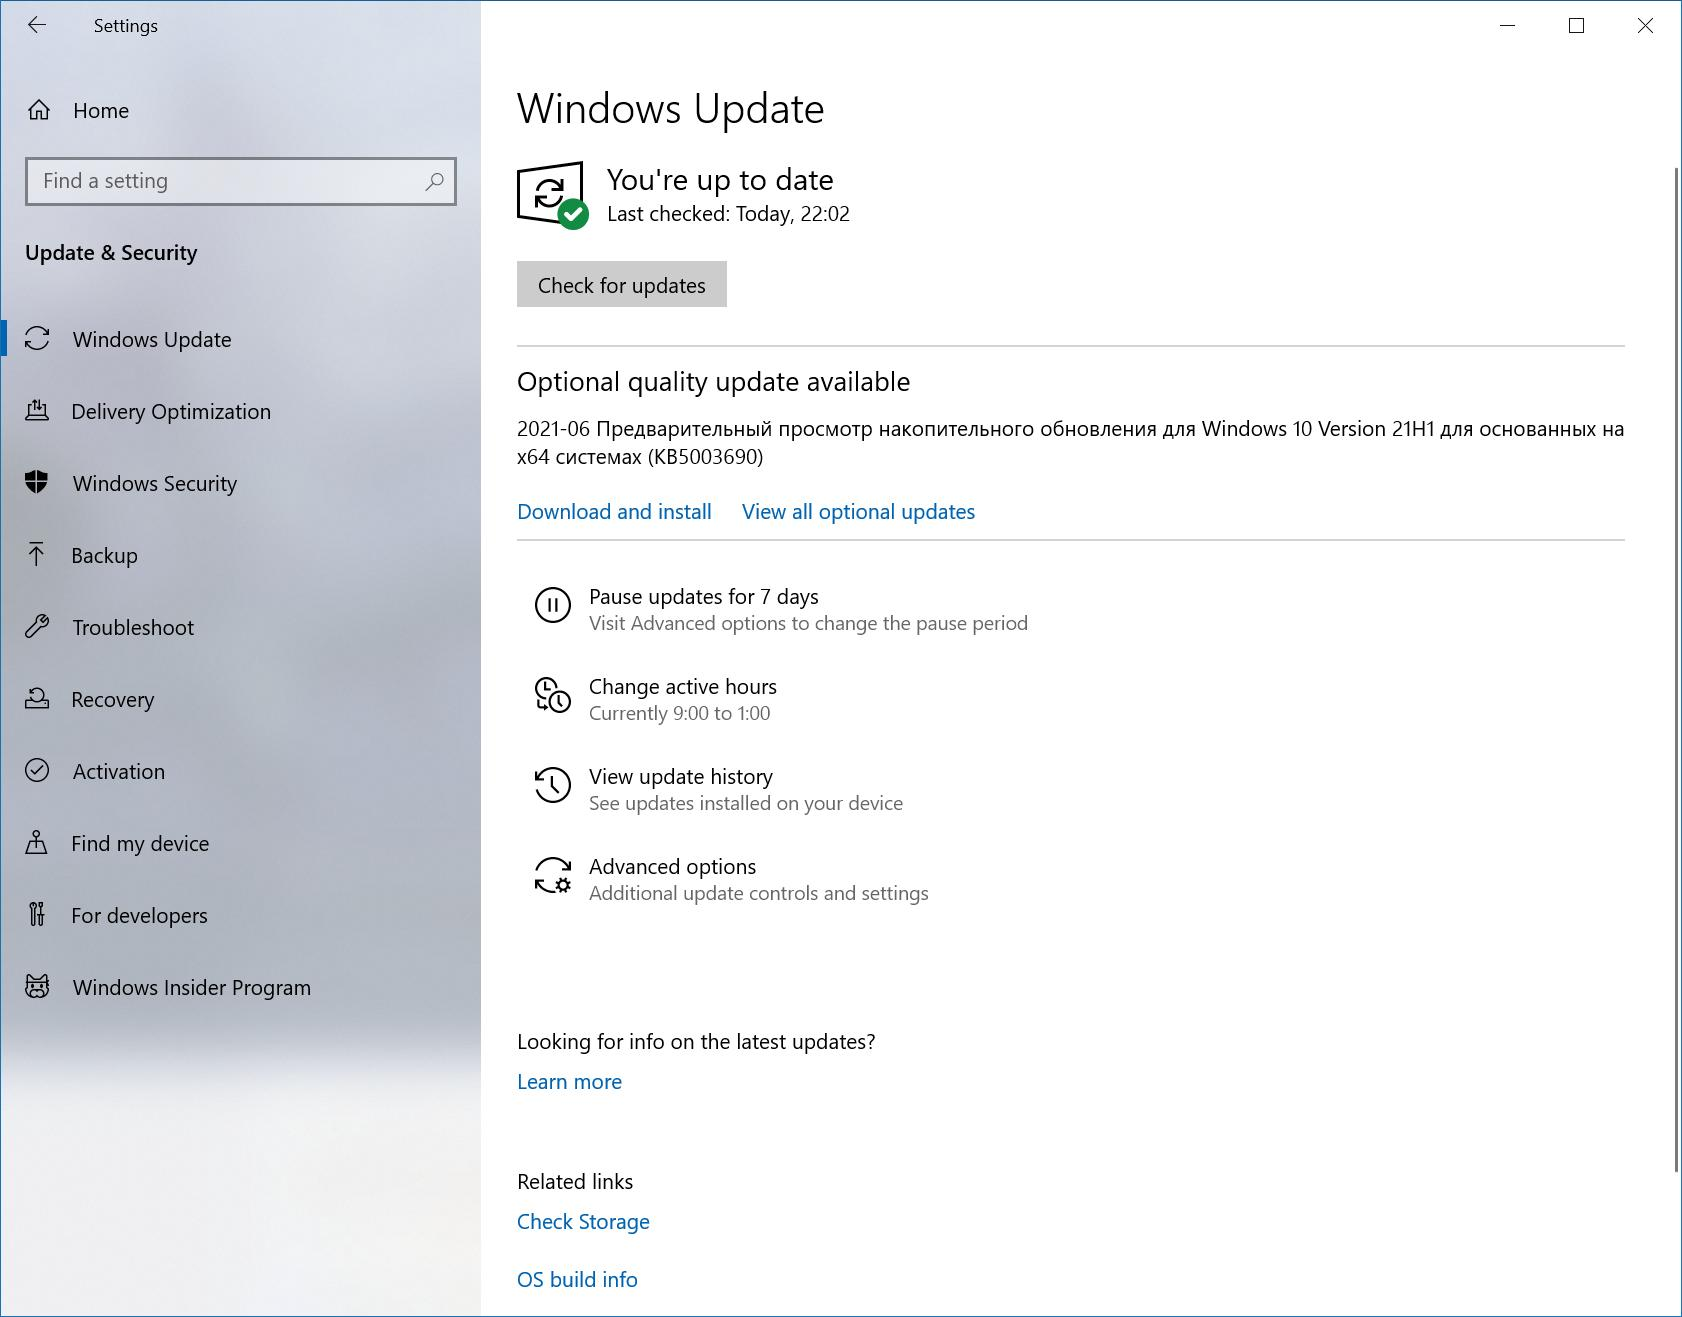 Ускоряем Windows 10 виграх: Microsoft выпустила патч отлагов